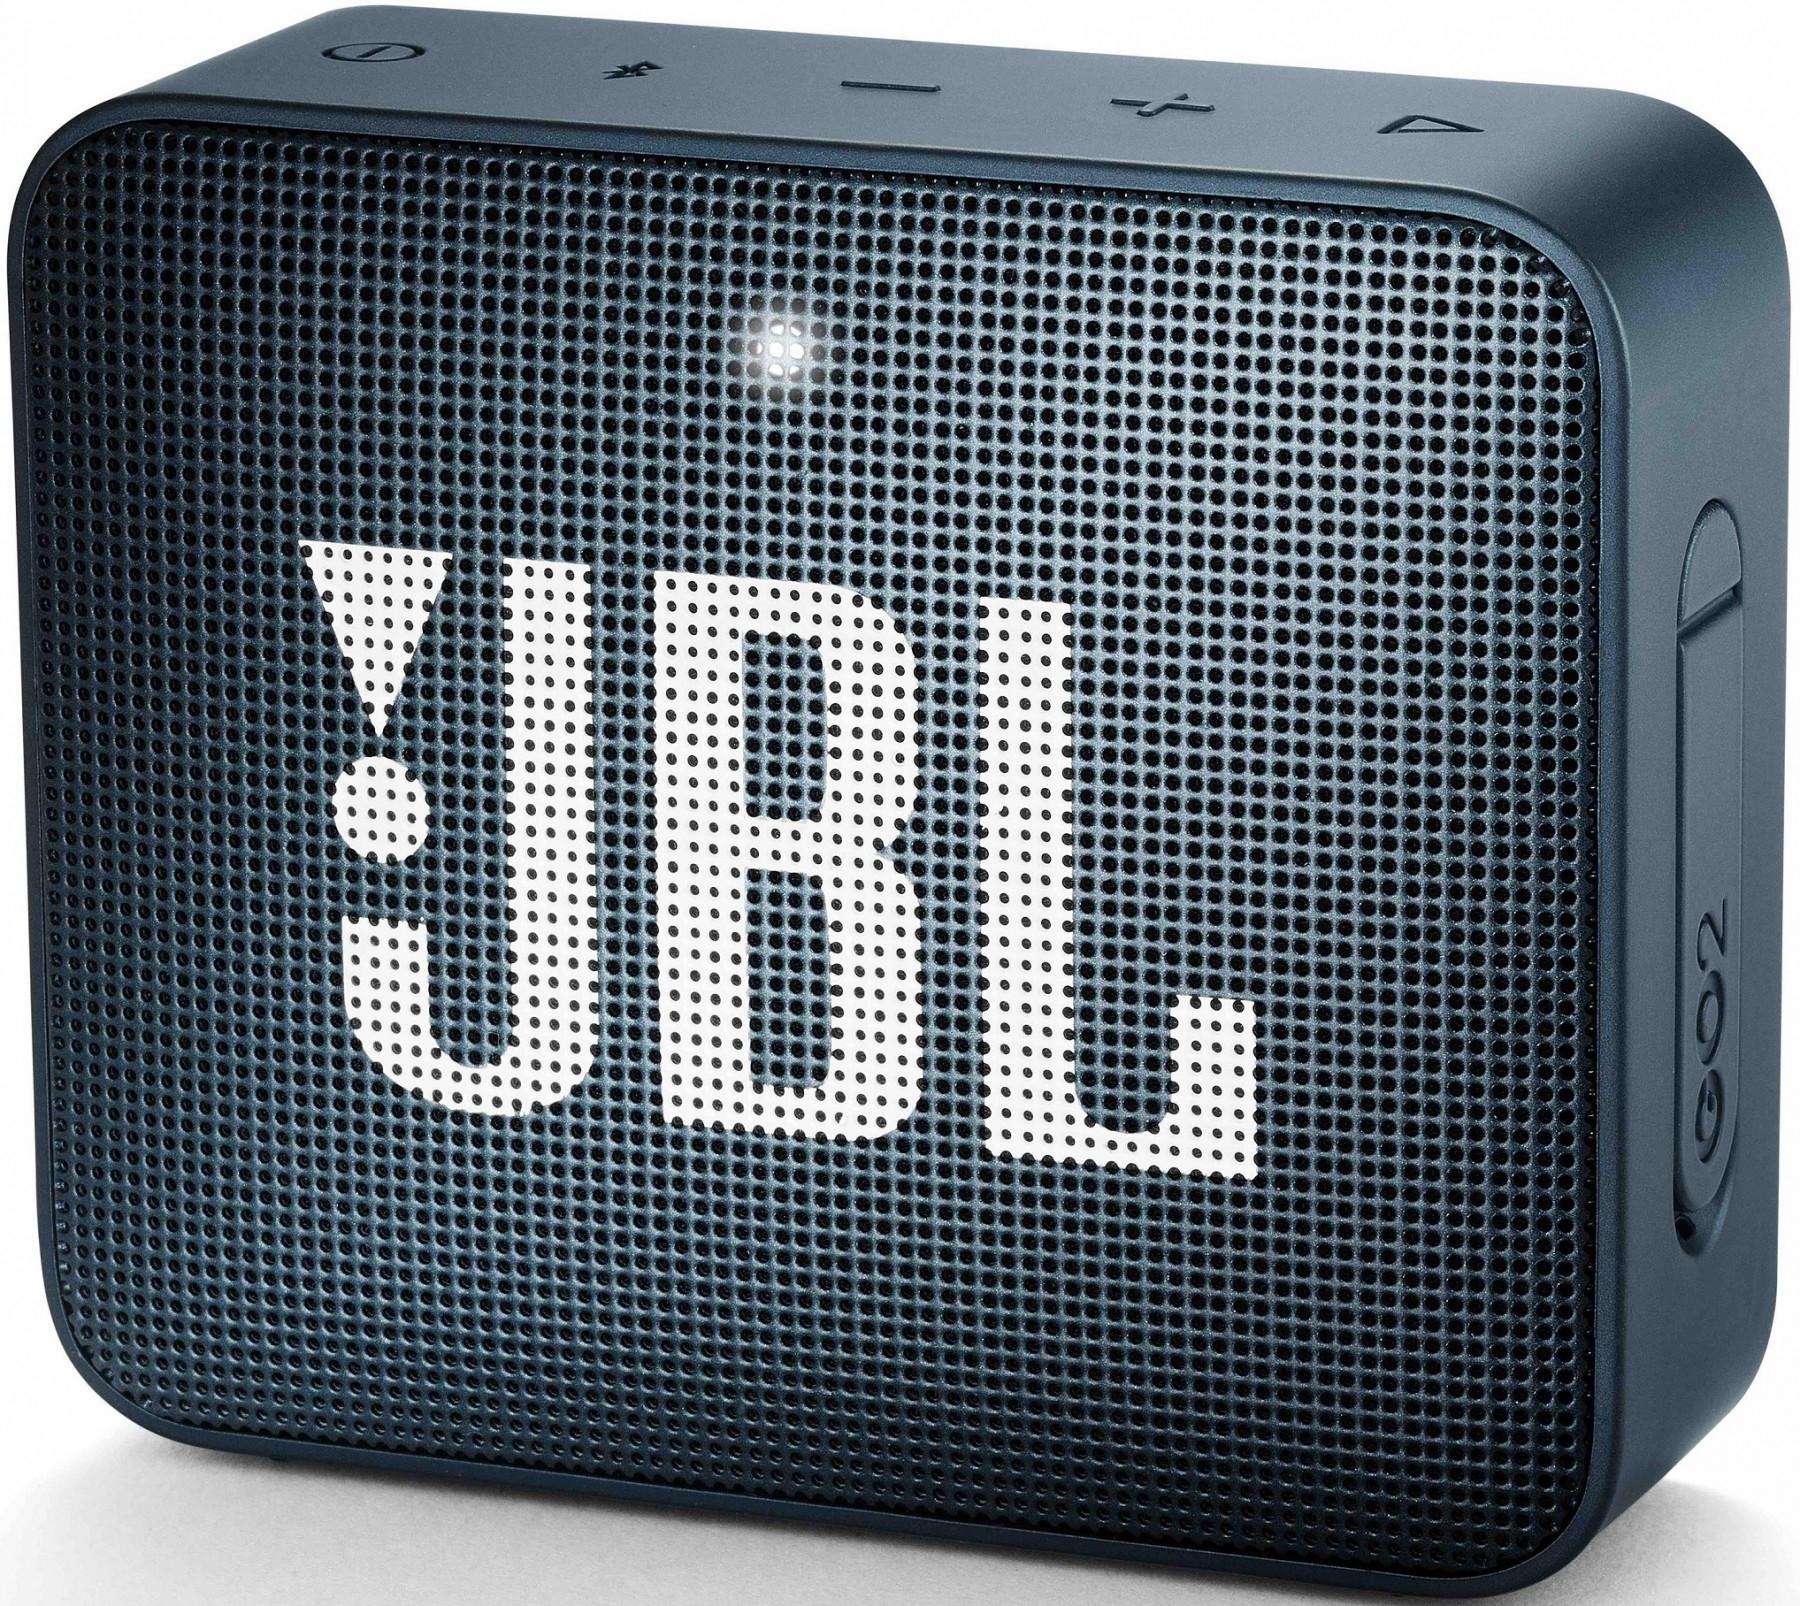 Głośnik bezprzewodowy JBL Go 2 Granatowy (czerwony, pomarańczowy, zielony) w promocyjnej cenie, odbiór 0 zł